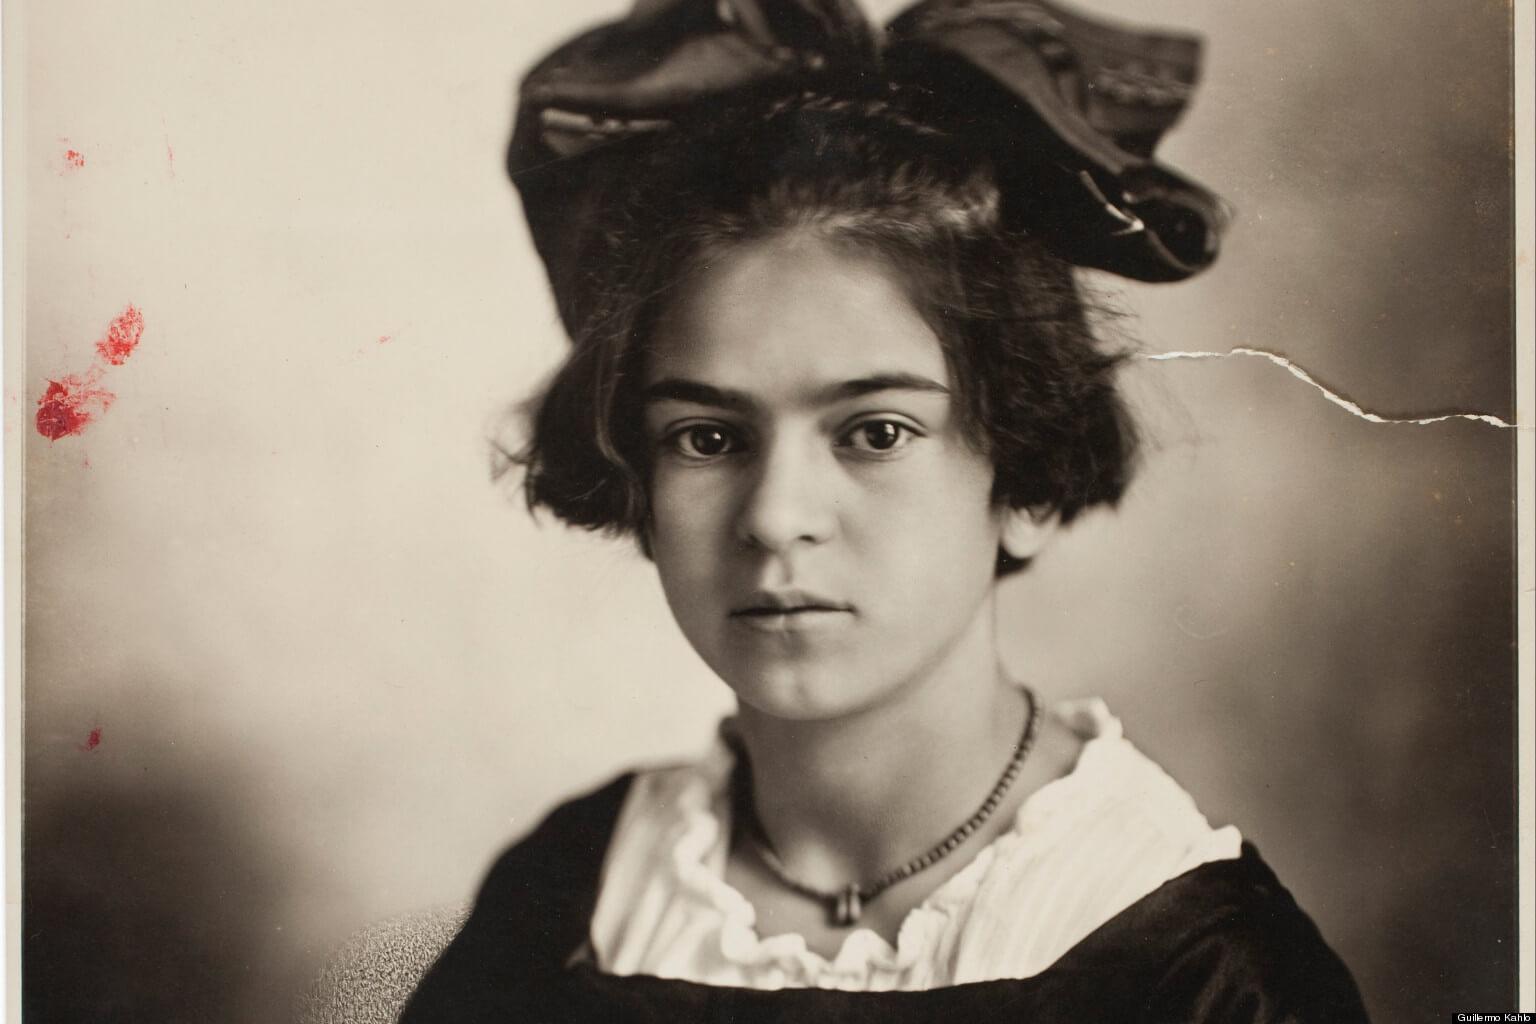 Fotografía de Frida Kahlo niña